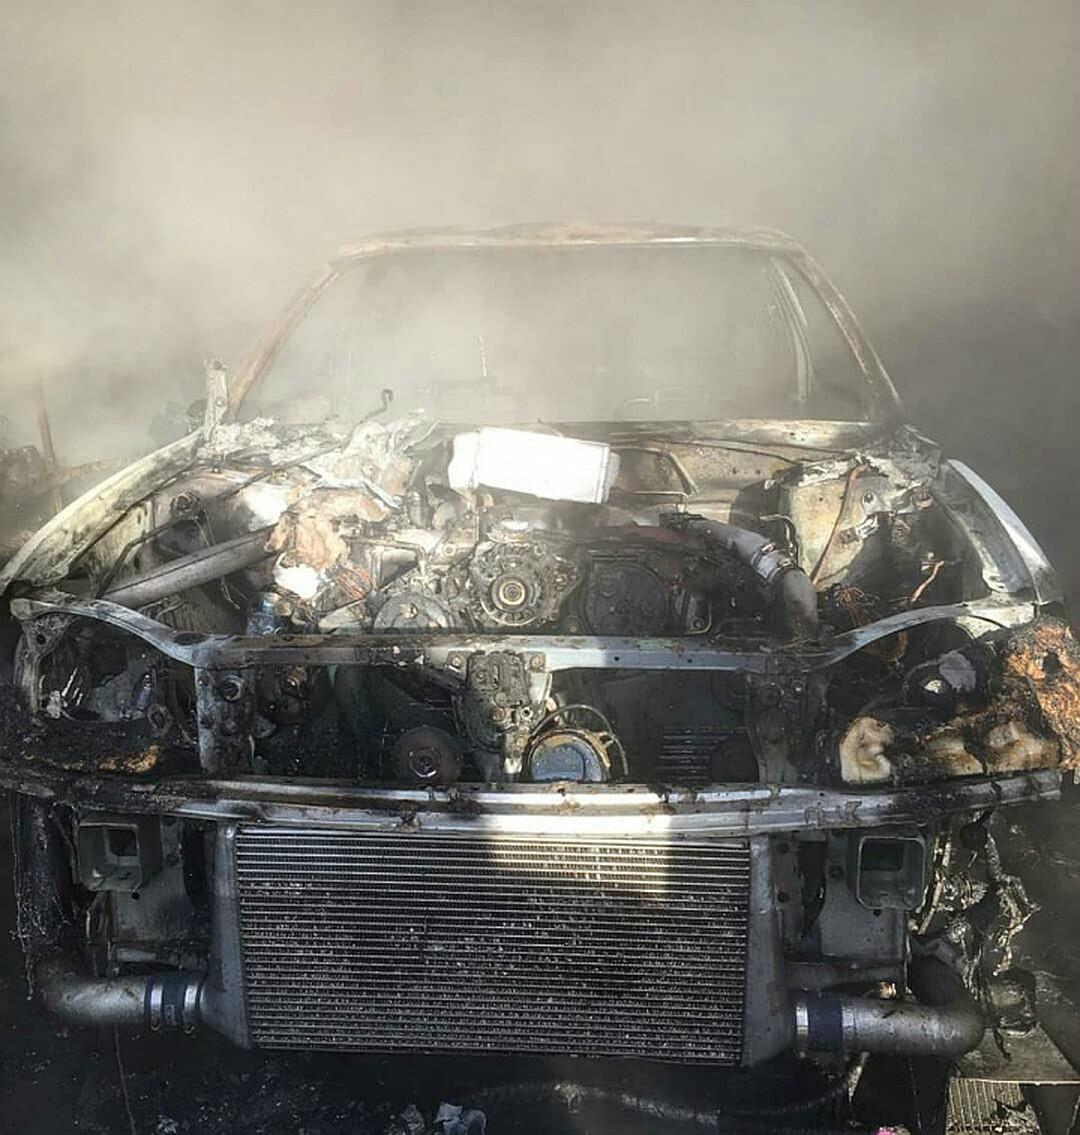 Огонь практически уничтожил две машины после хлопка газа в Комсомольске Фото: Социальные сети